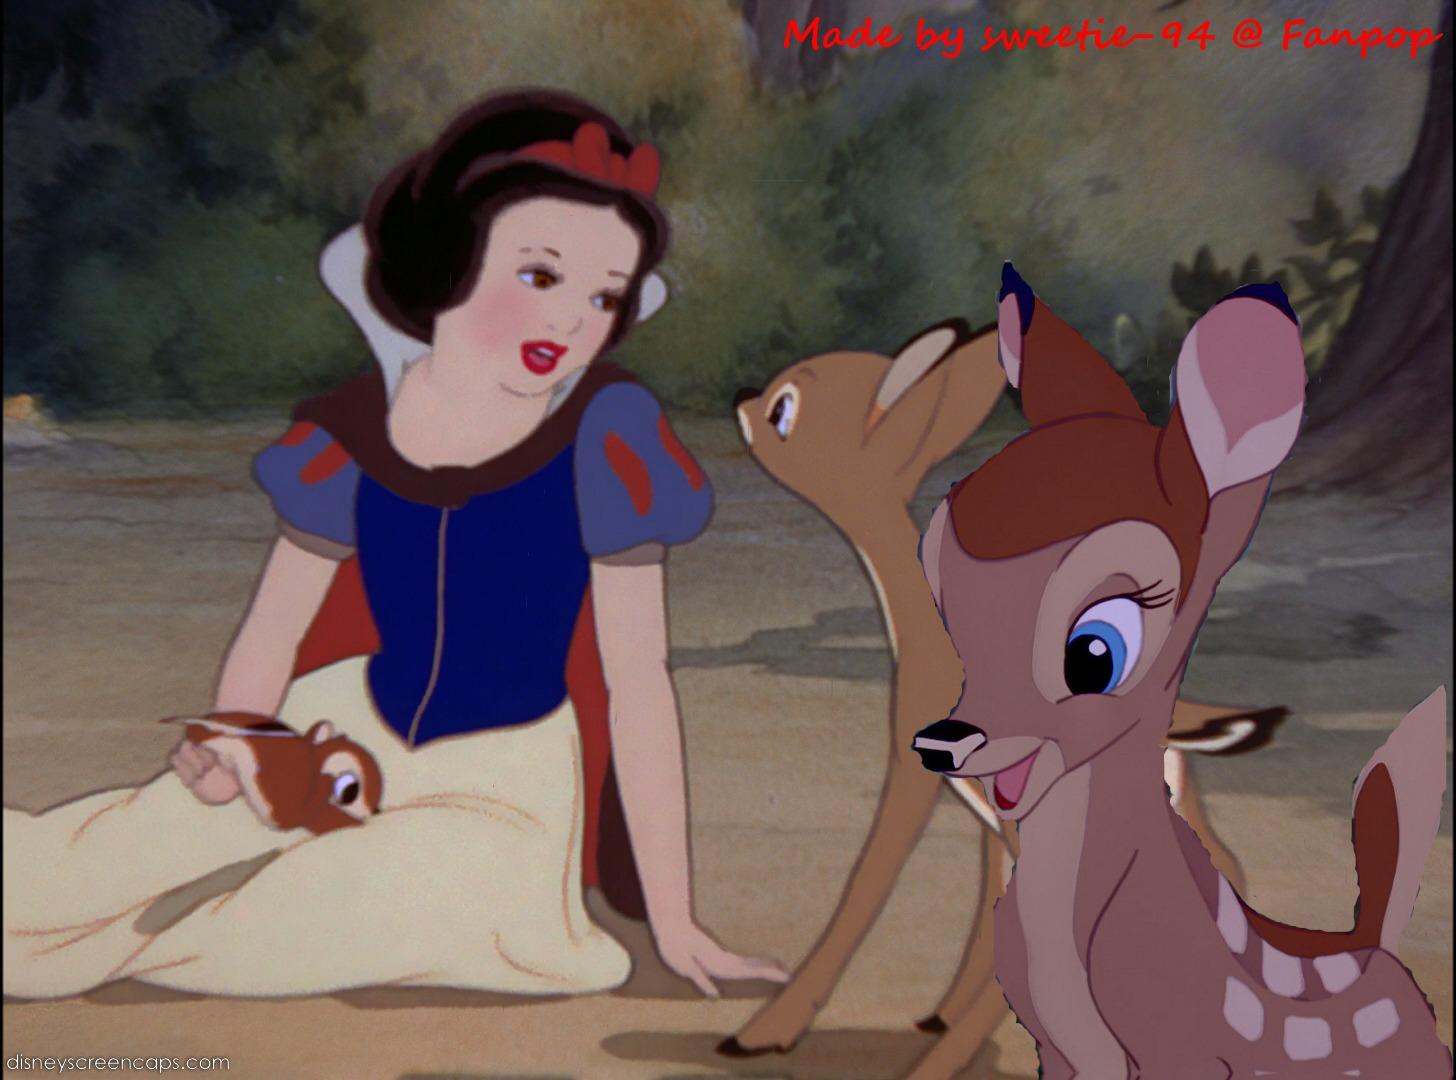 Snow White/Faline